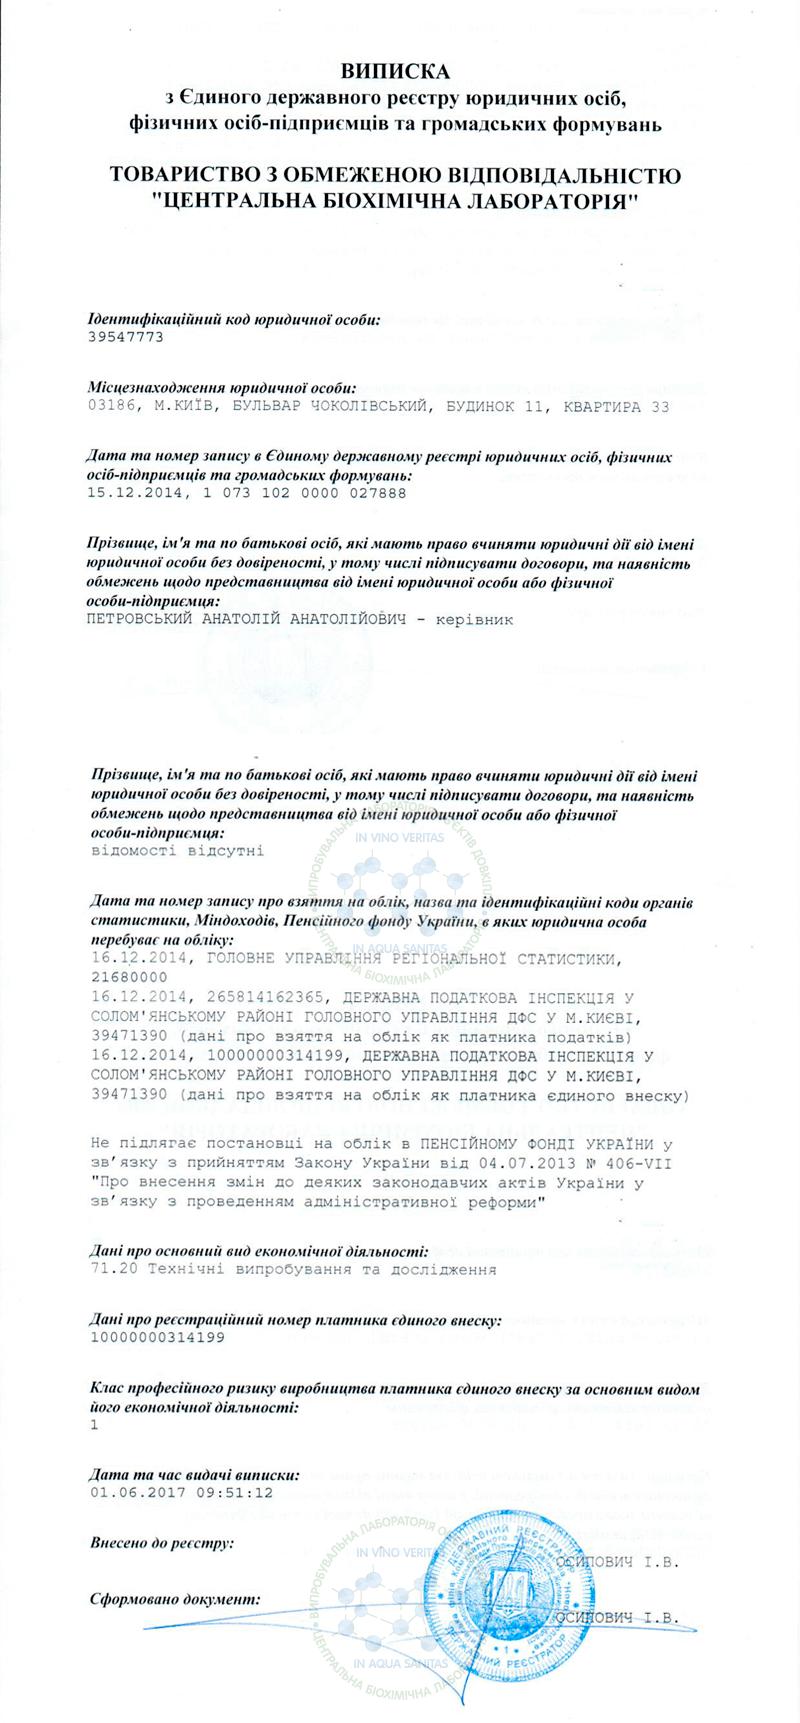 Виписка з Єдиного державного реєстру юридичних осіб та фізичних осіб-підприємців, Центральная биохимическая лаборатория